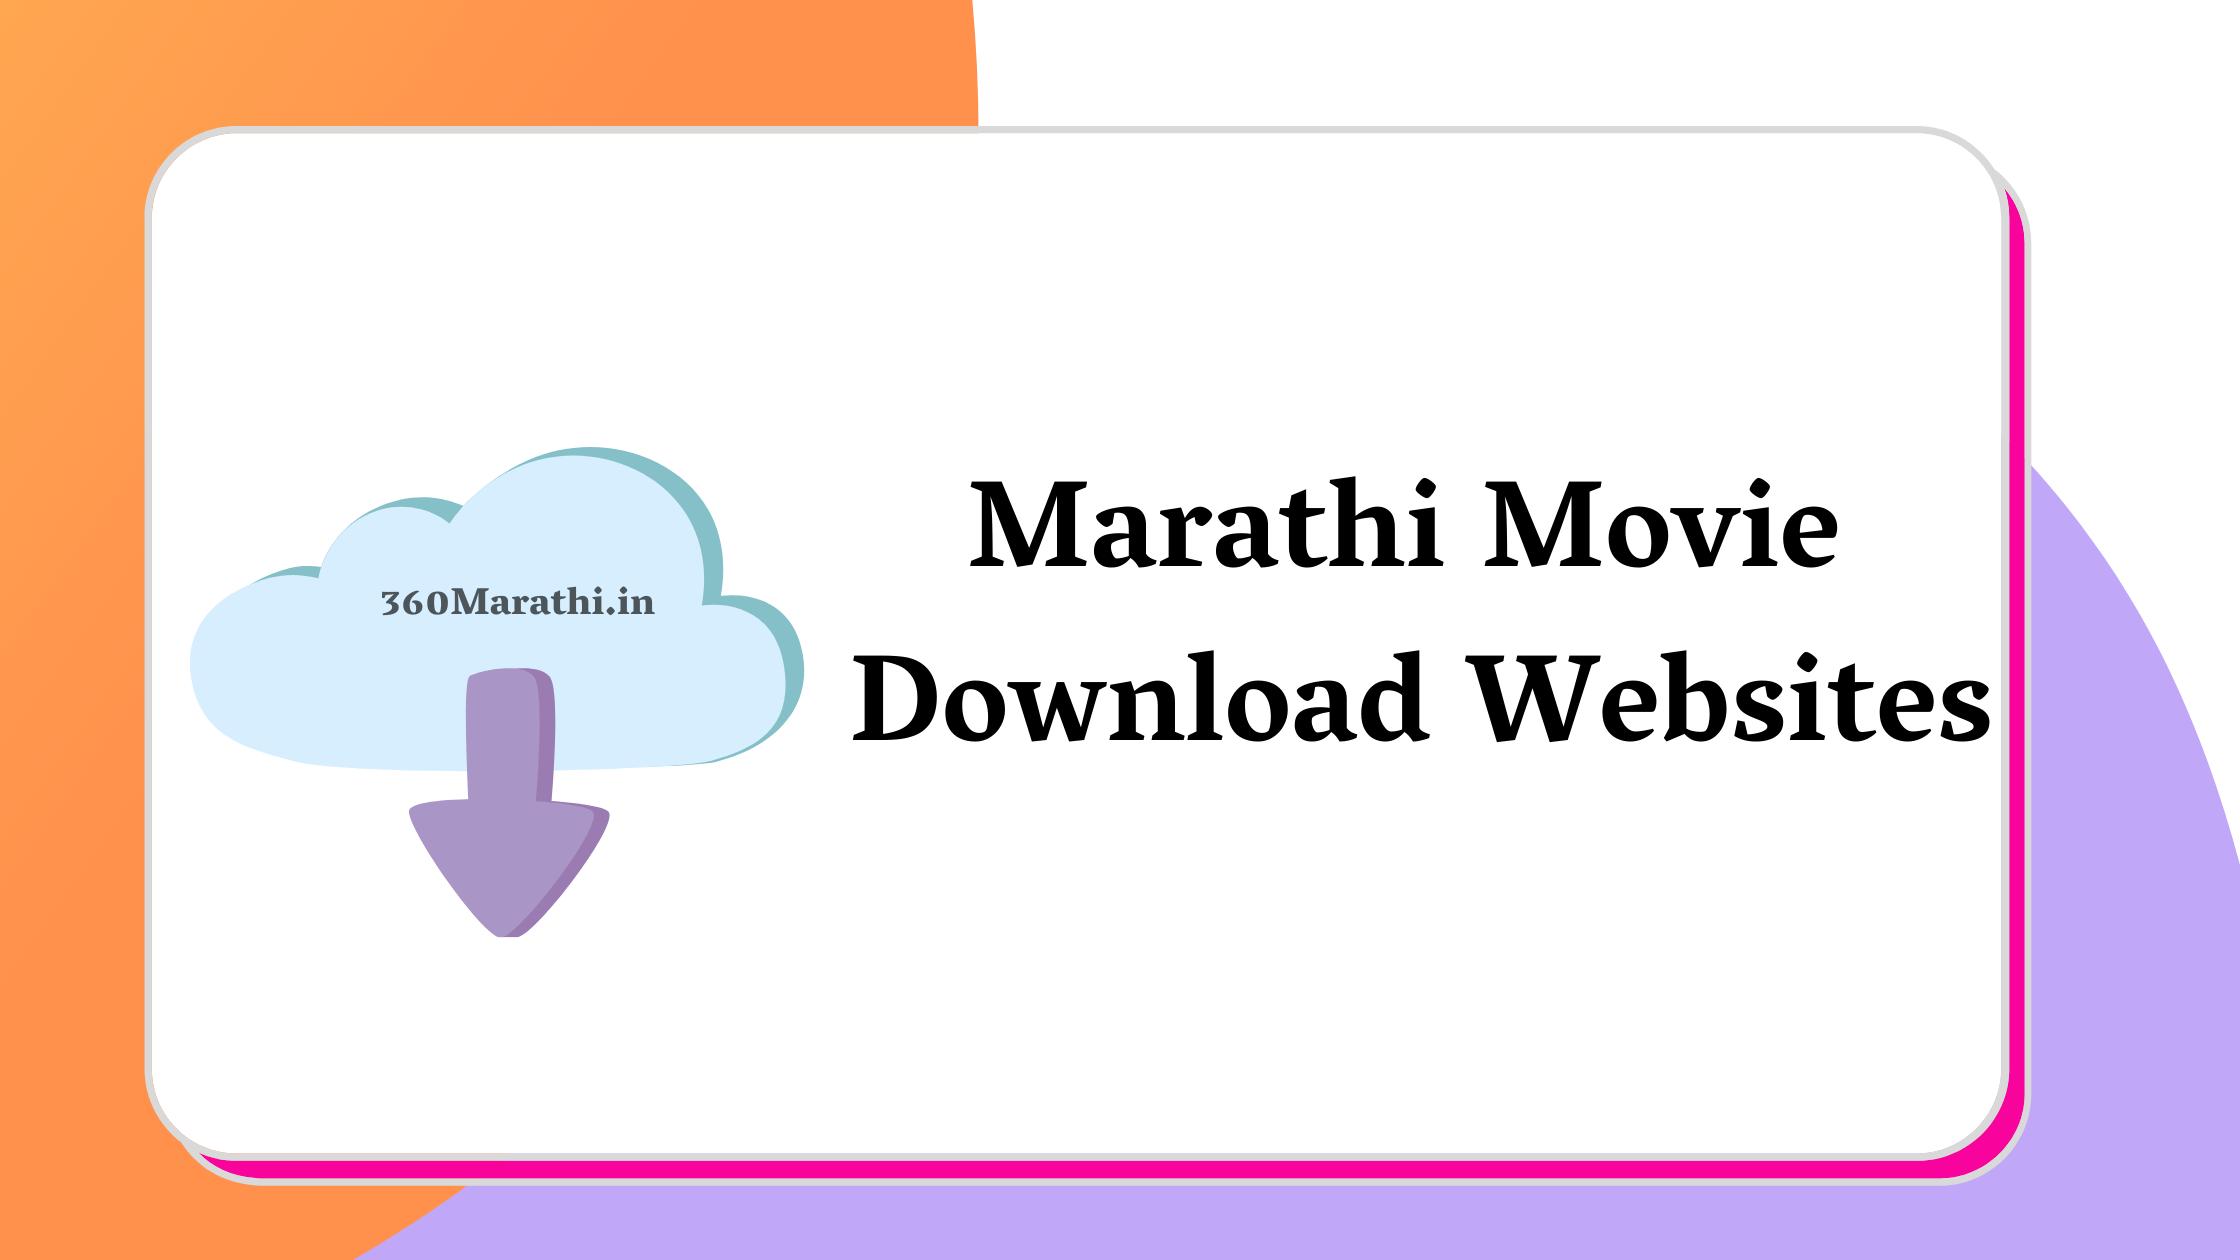 Marathi Movie Download Websites List